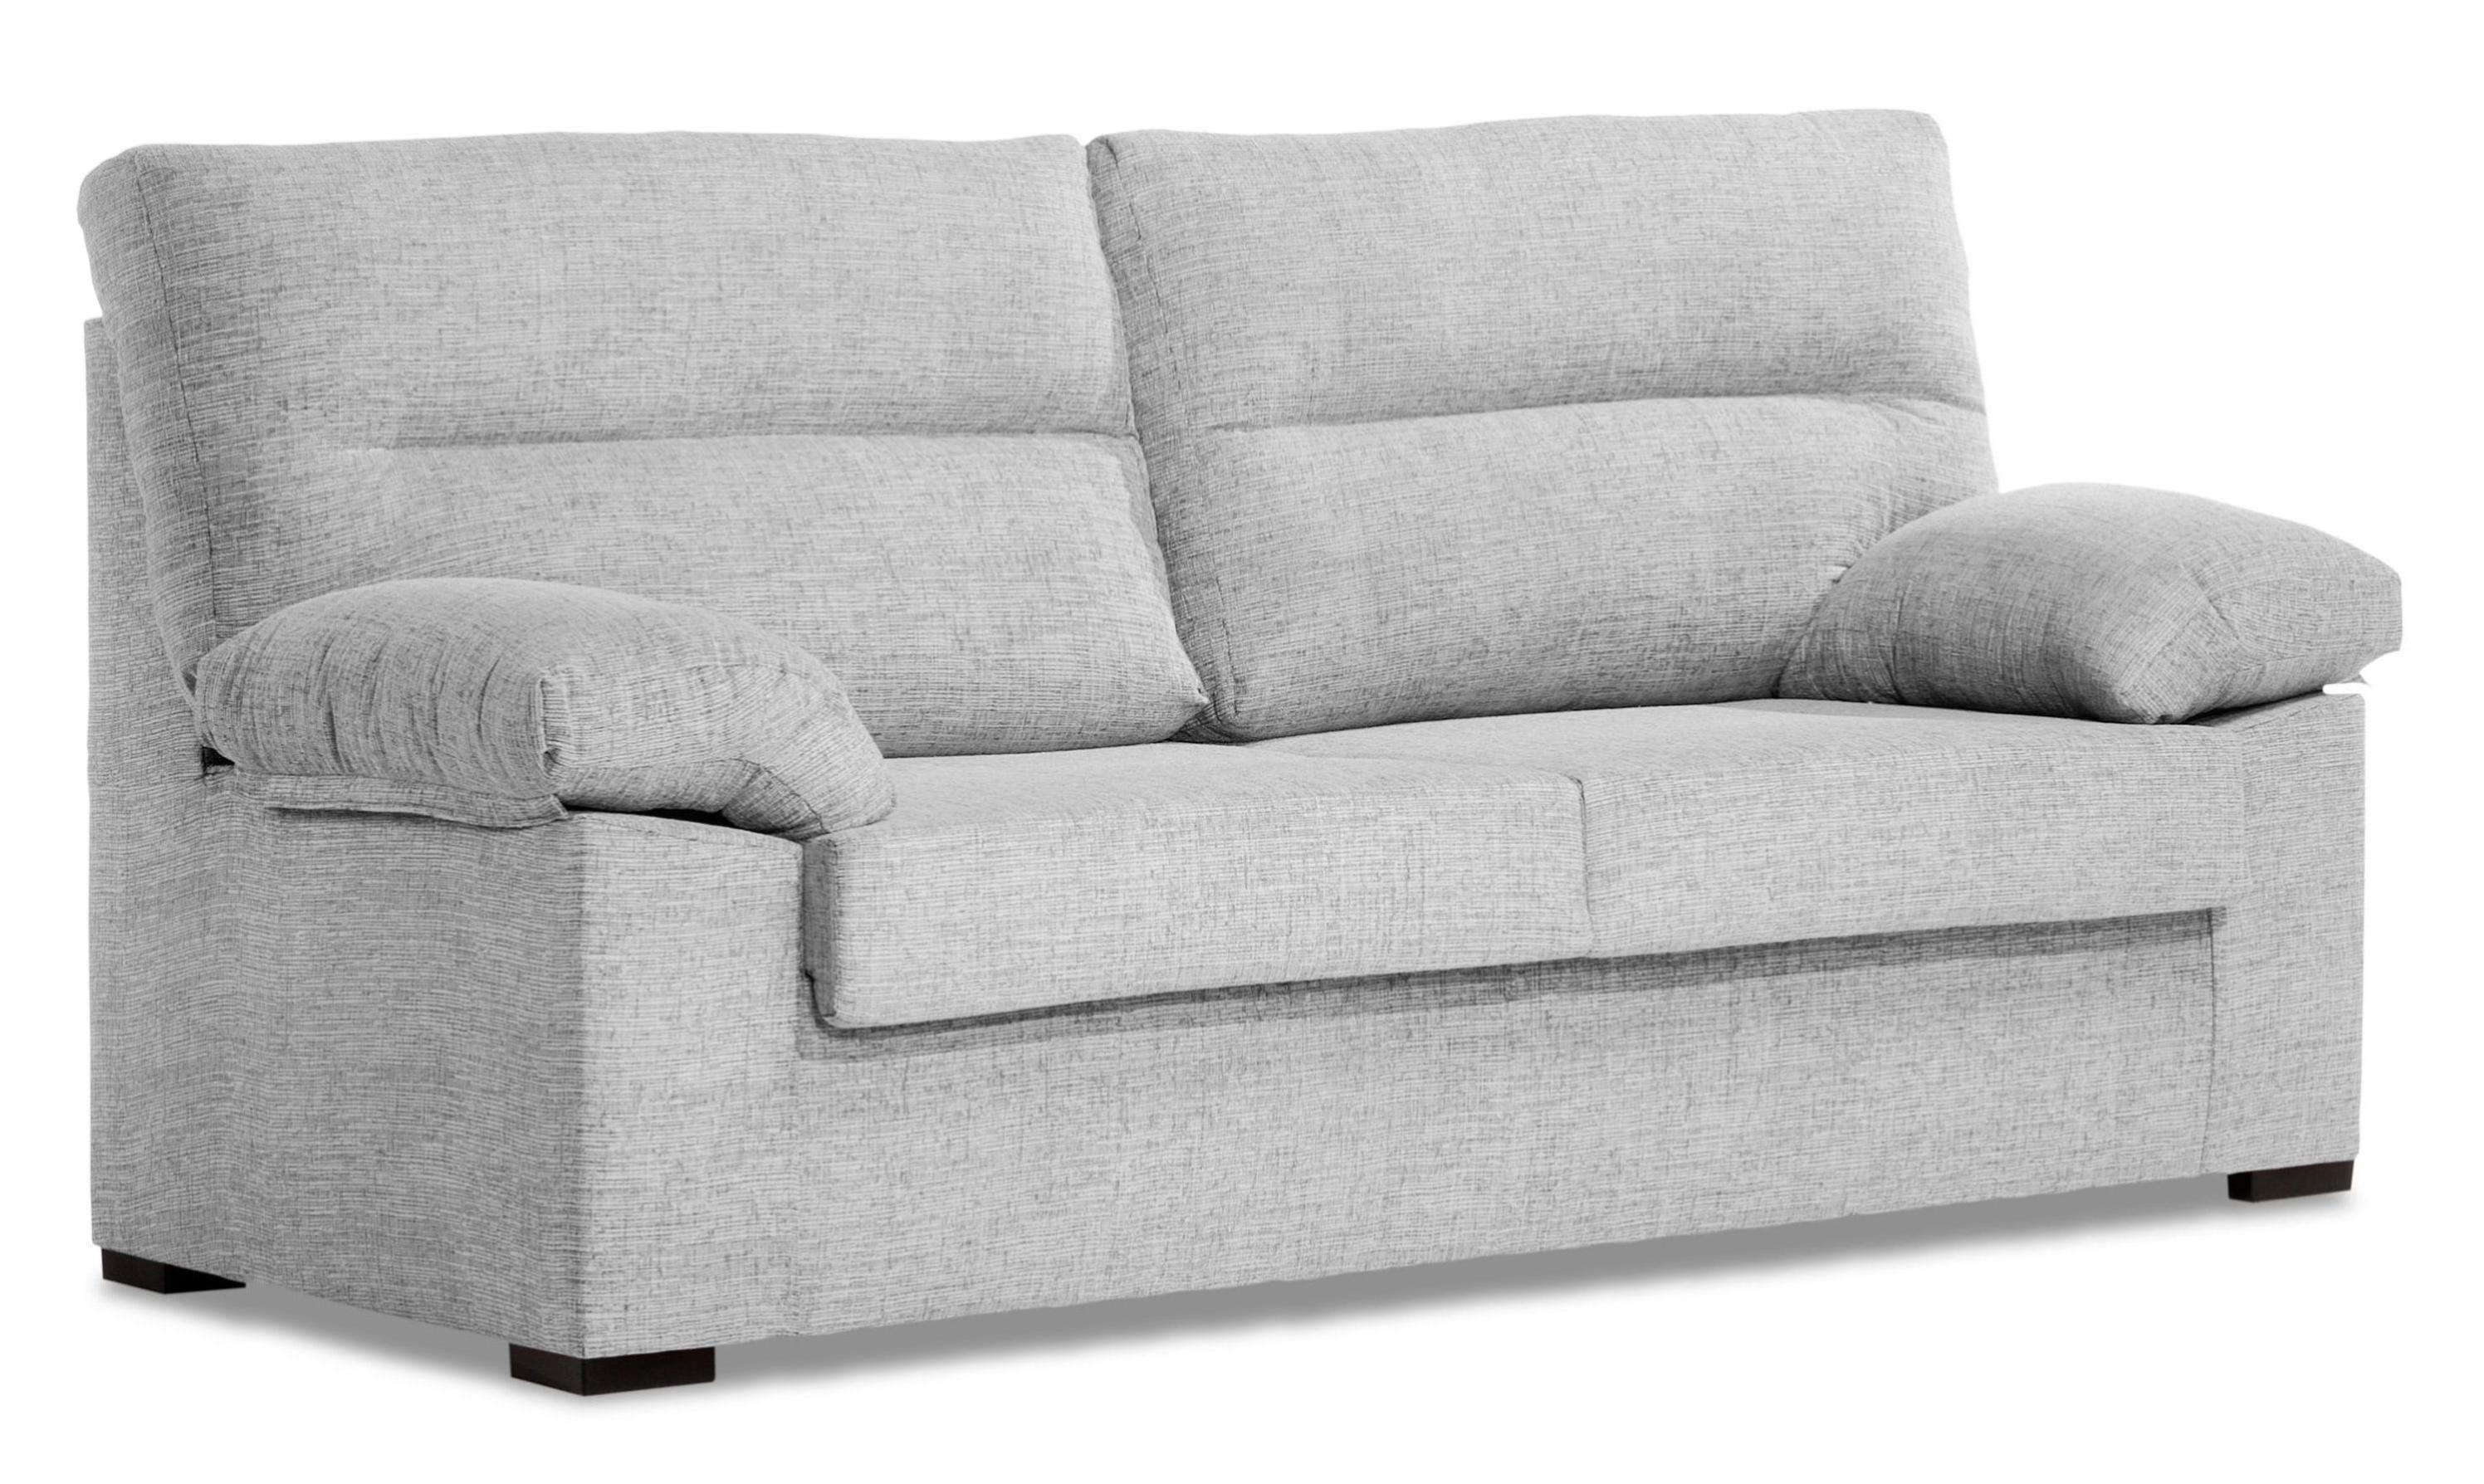 Muebles baratos gipuzkoa obtenga ideas dise o de muebles for Sofas baratos en guipuzcoa